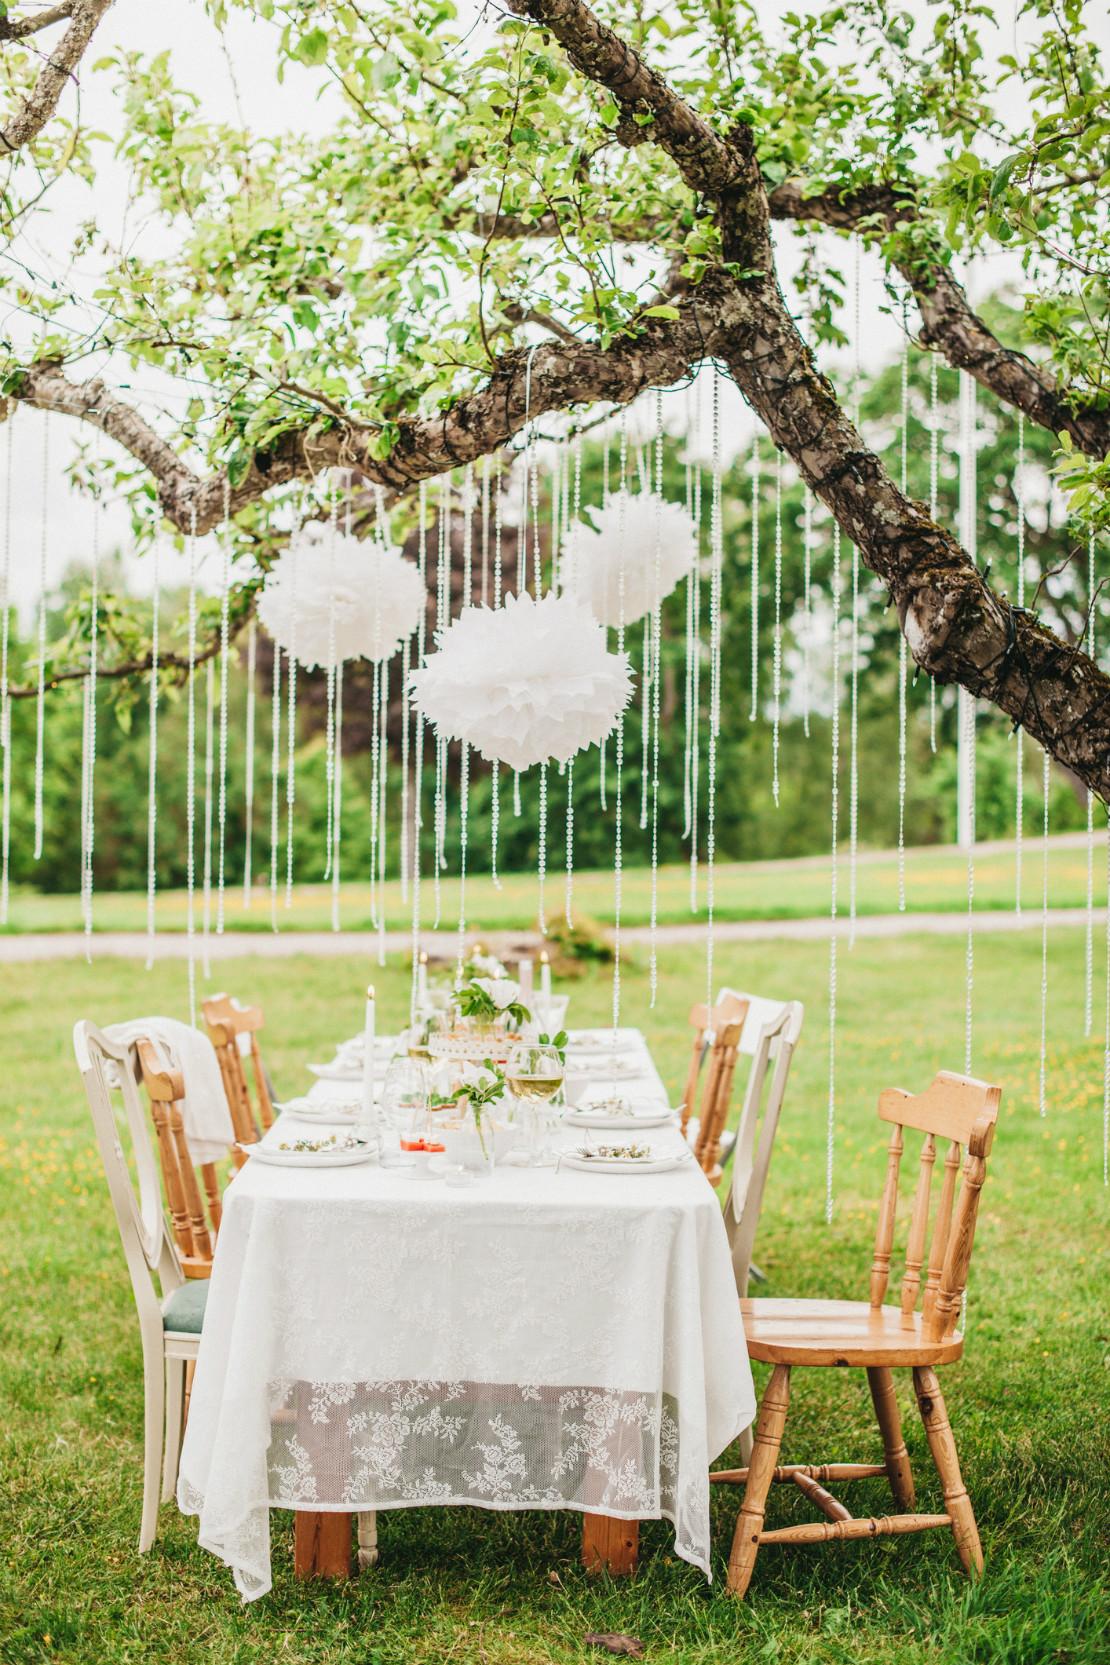 5 stili diversi per una festa in giardino westwing magazine for Allestimento giardino